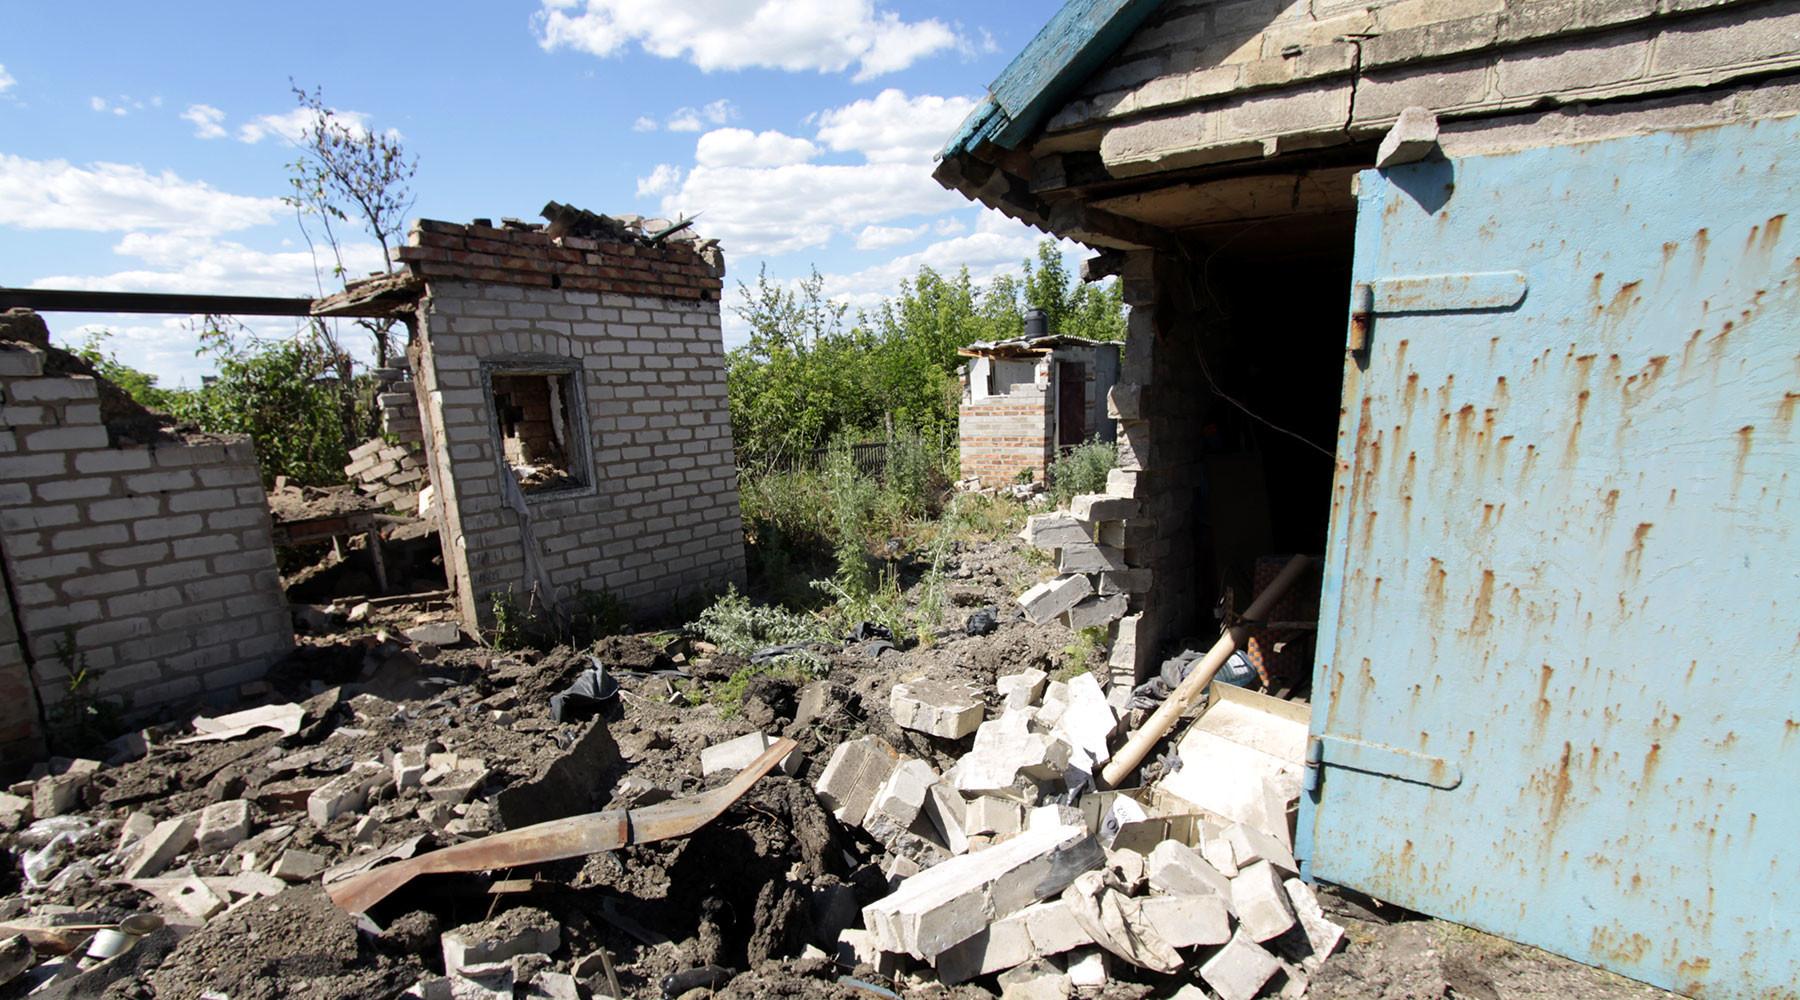 От войны до сумы: почему Украина терпит миллиардные убытки из-за боевых действий в Донбассе